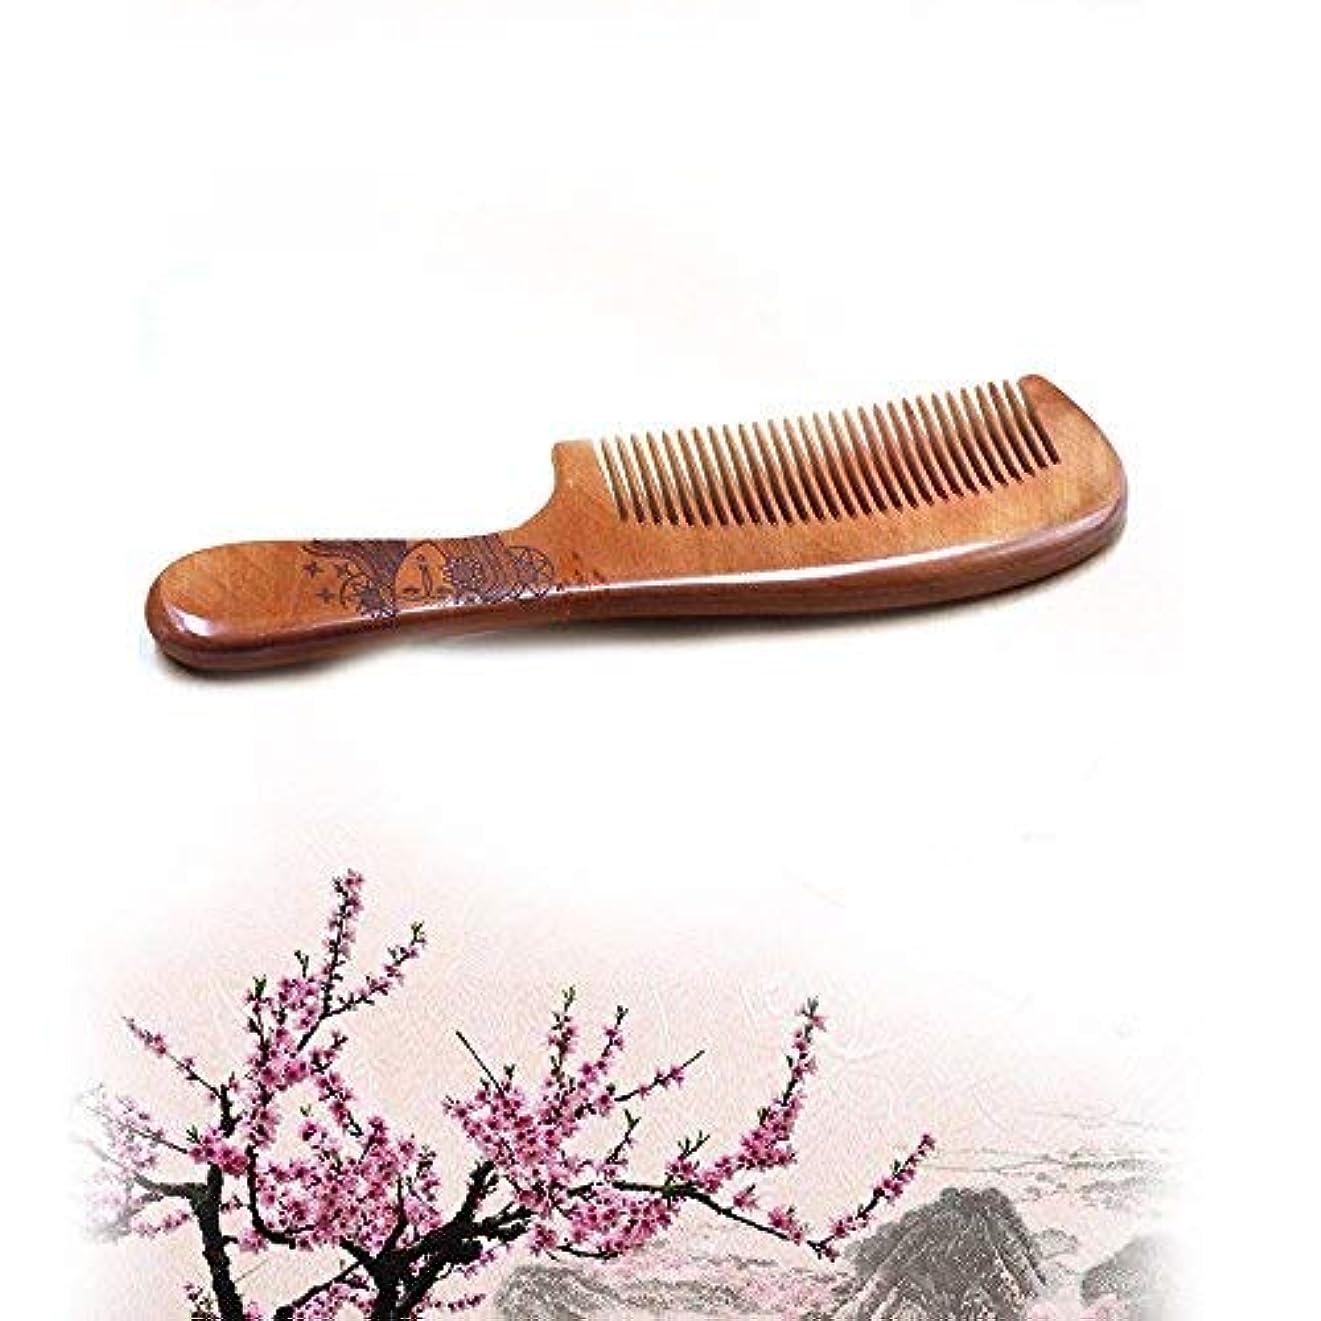 バルーン開発する最初にUniversal Natural Hair Comb,Victory Detangling Wooden Combs No Static Peach Wood for Men,Women and Kids (long)...